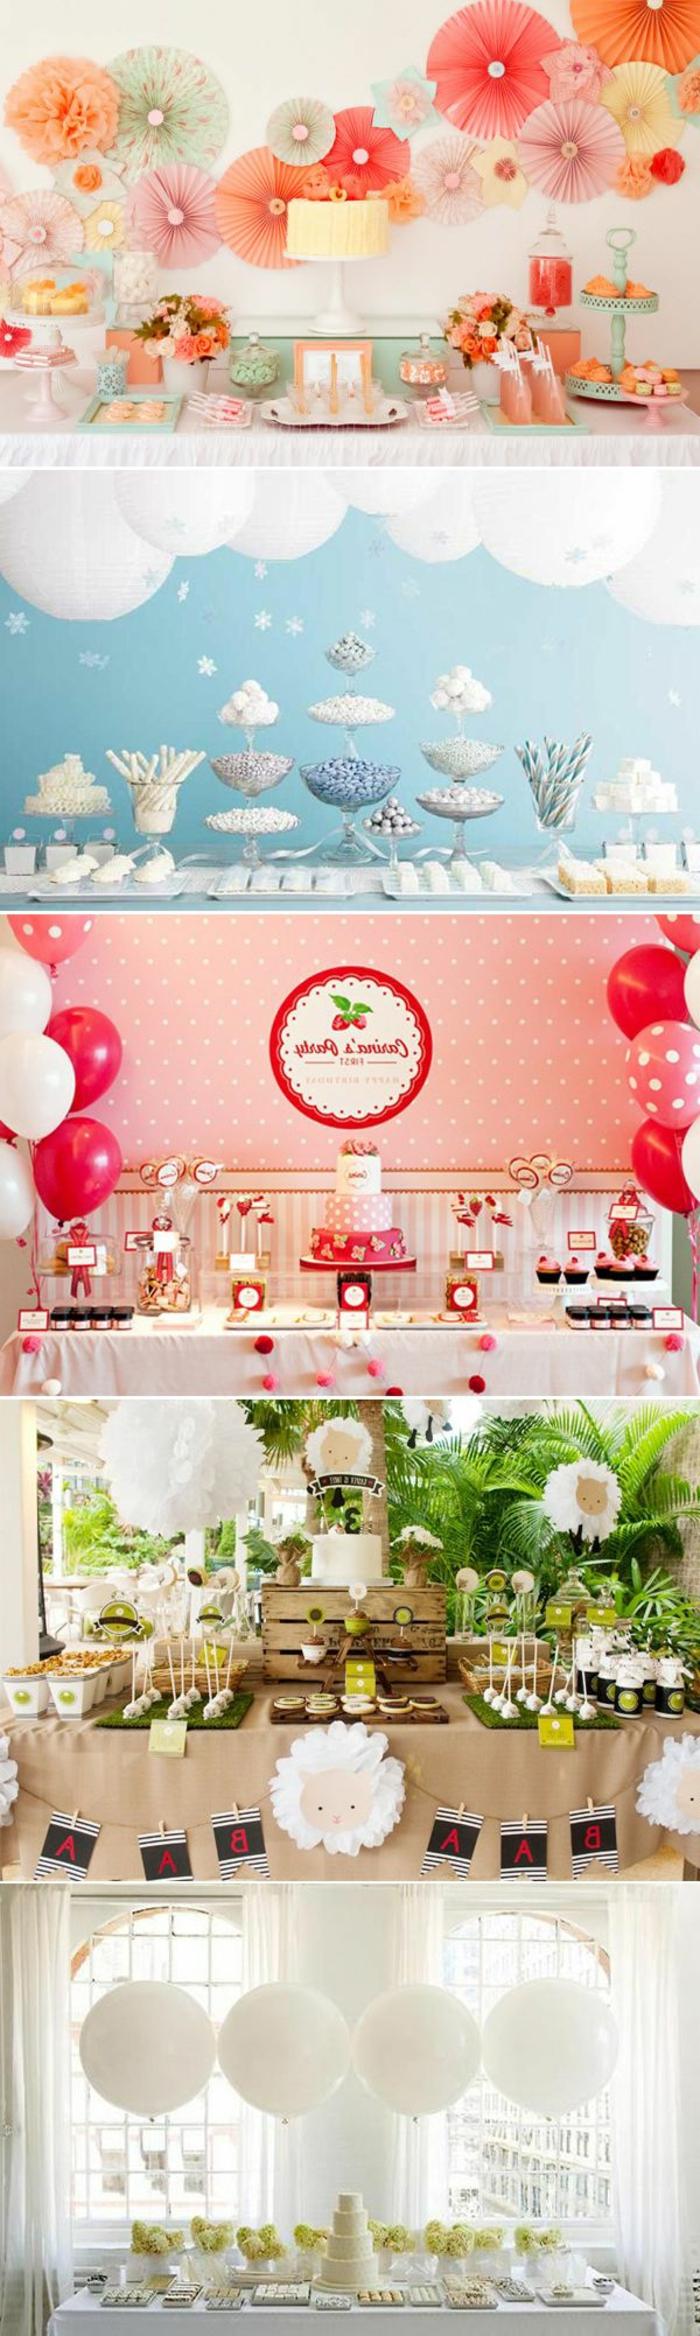 Idea per la decorazione del tavolo di un compleanno con palloncini e fiori